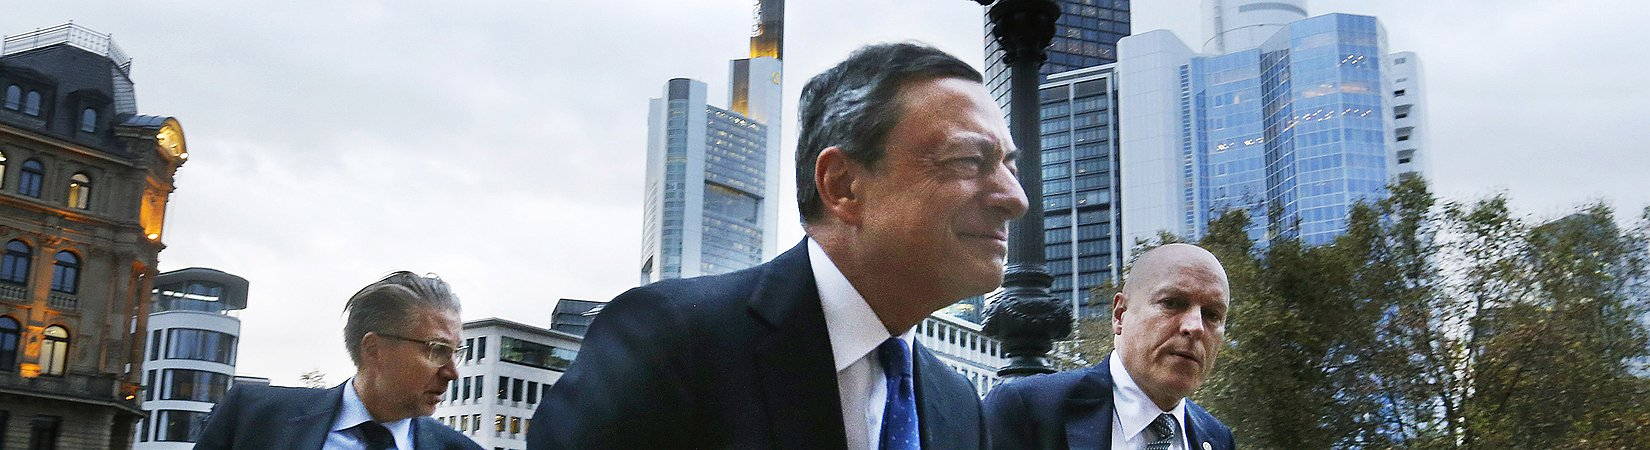 Обзор рынка: Европейские индексы снижаются, евро подорожал